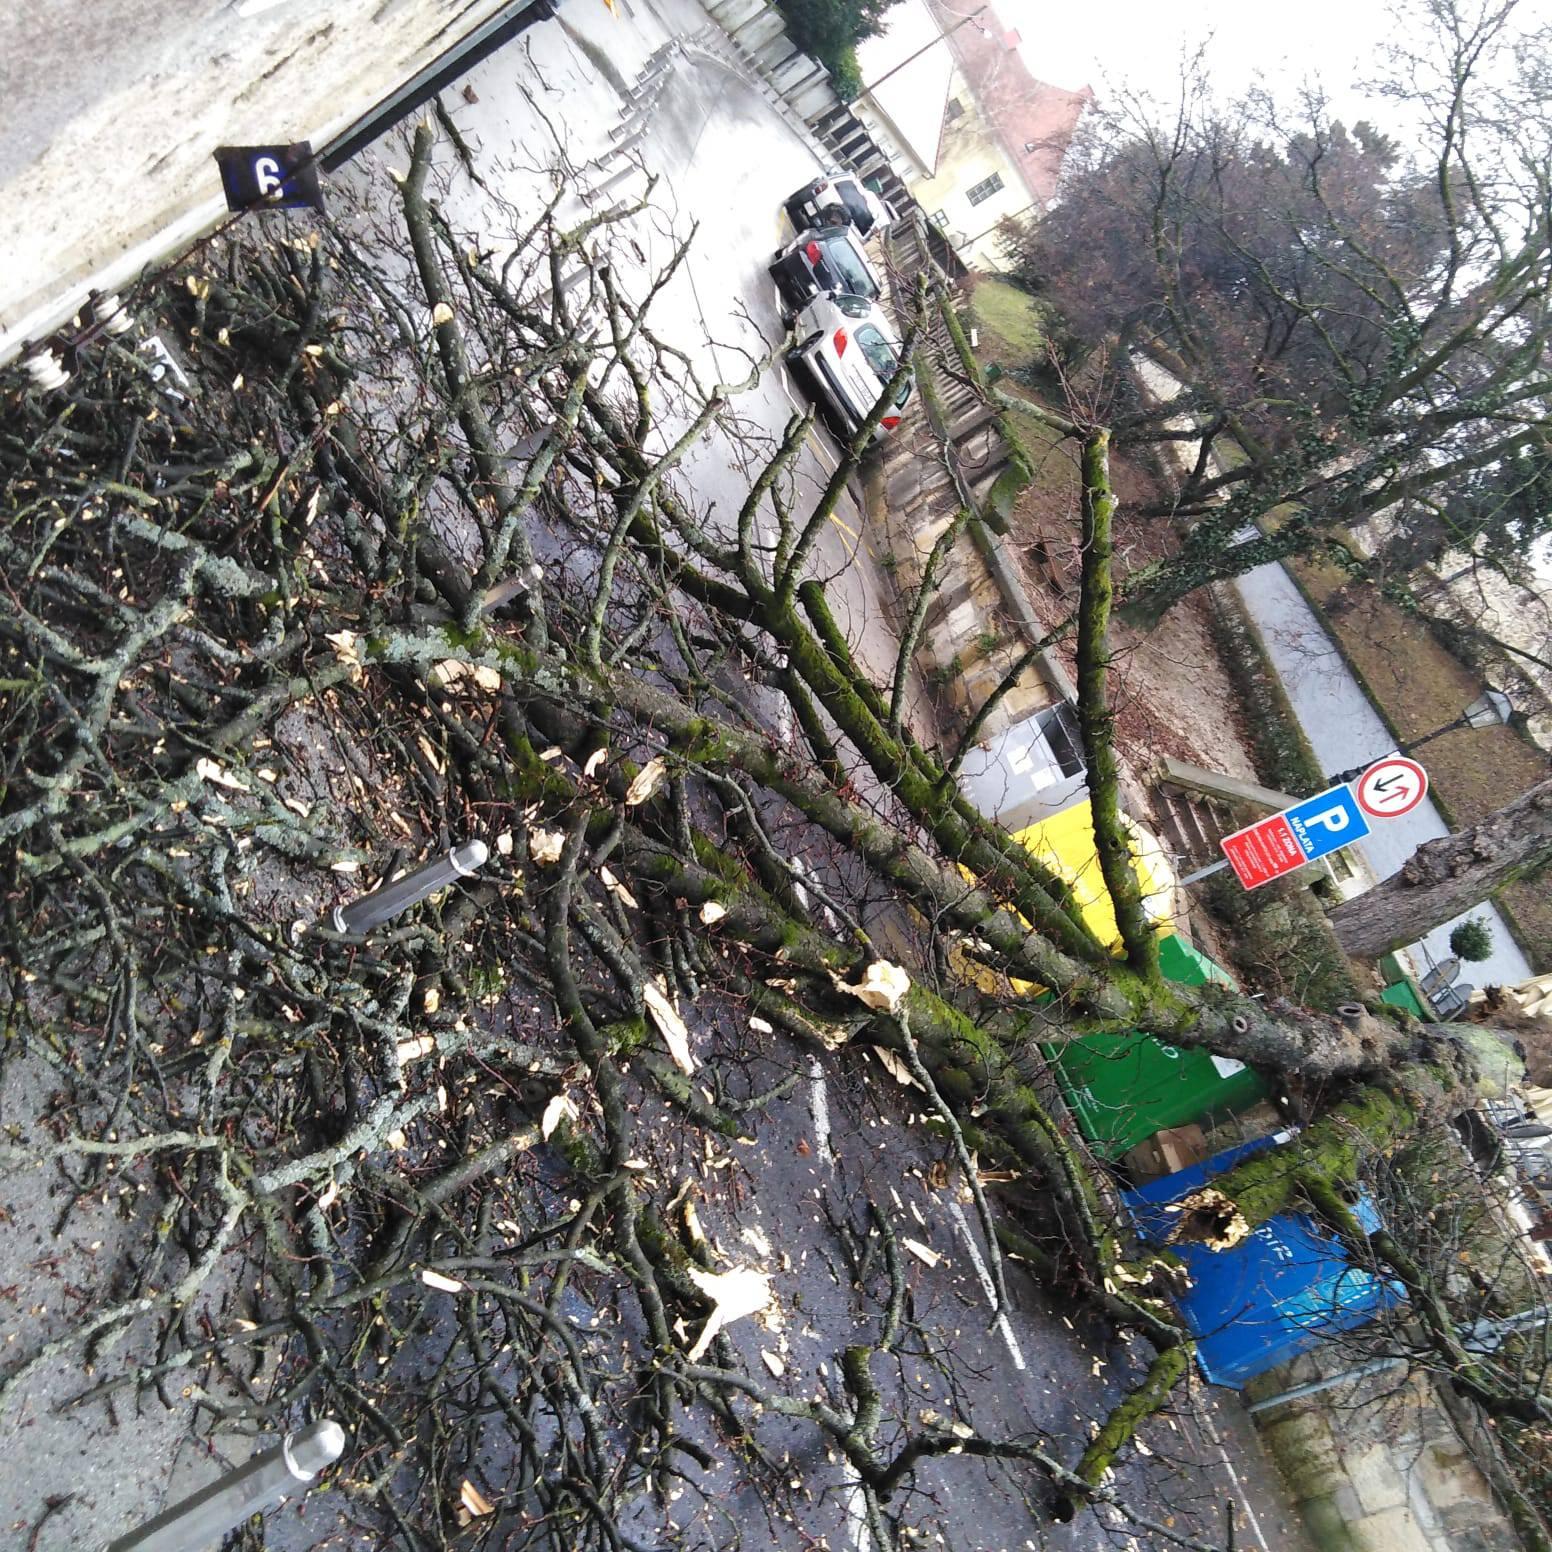 Čuo se prasak: Ogromno stablo srušilo se na ulicu u Zagrebu...